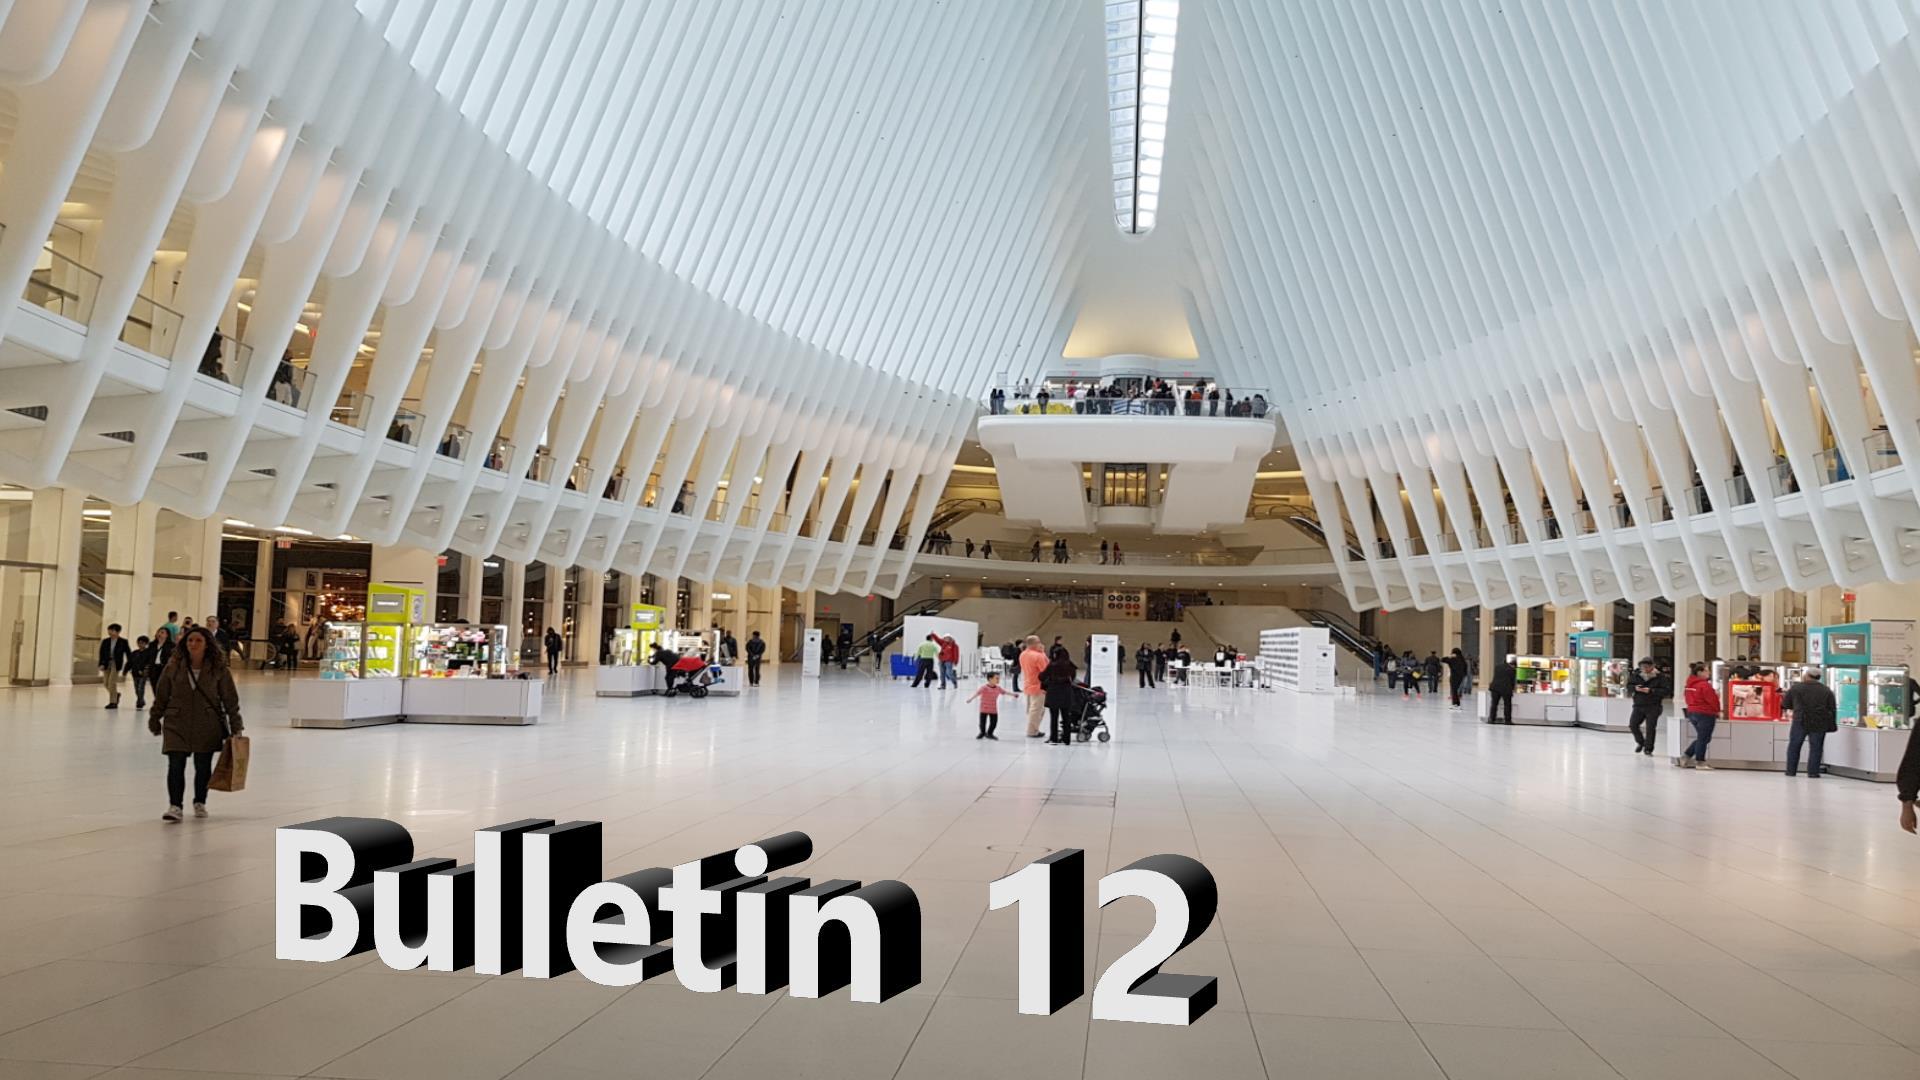 Bulletin 12, June 1